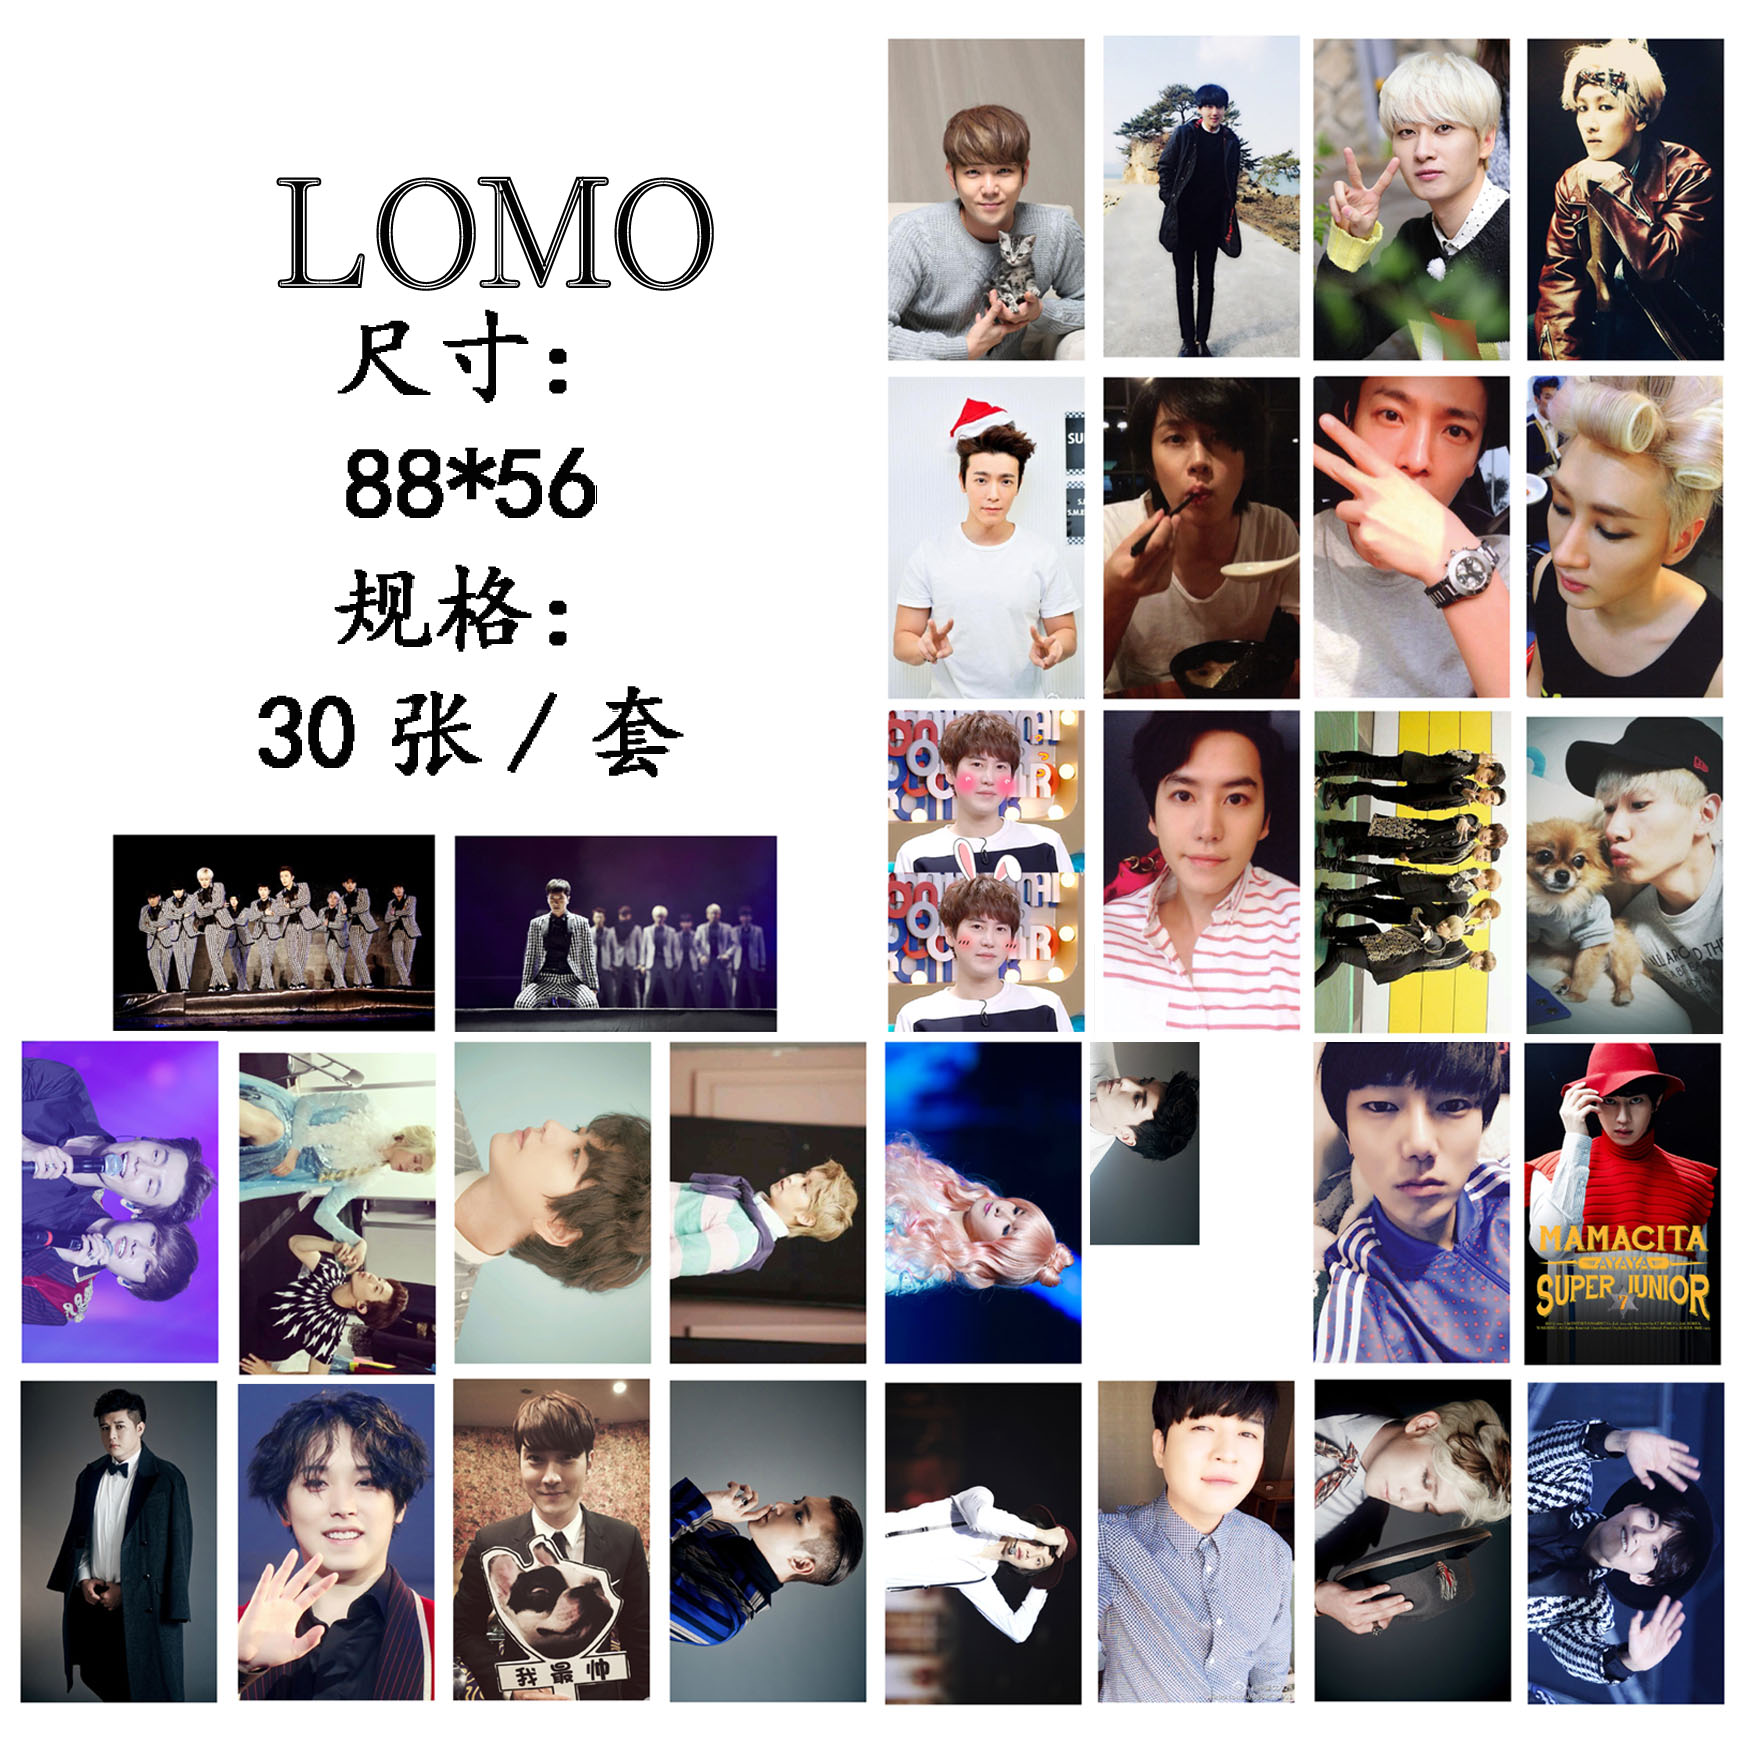 ชุดรูป LOMO SJ SUPER JUNIOR (30รูป)